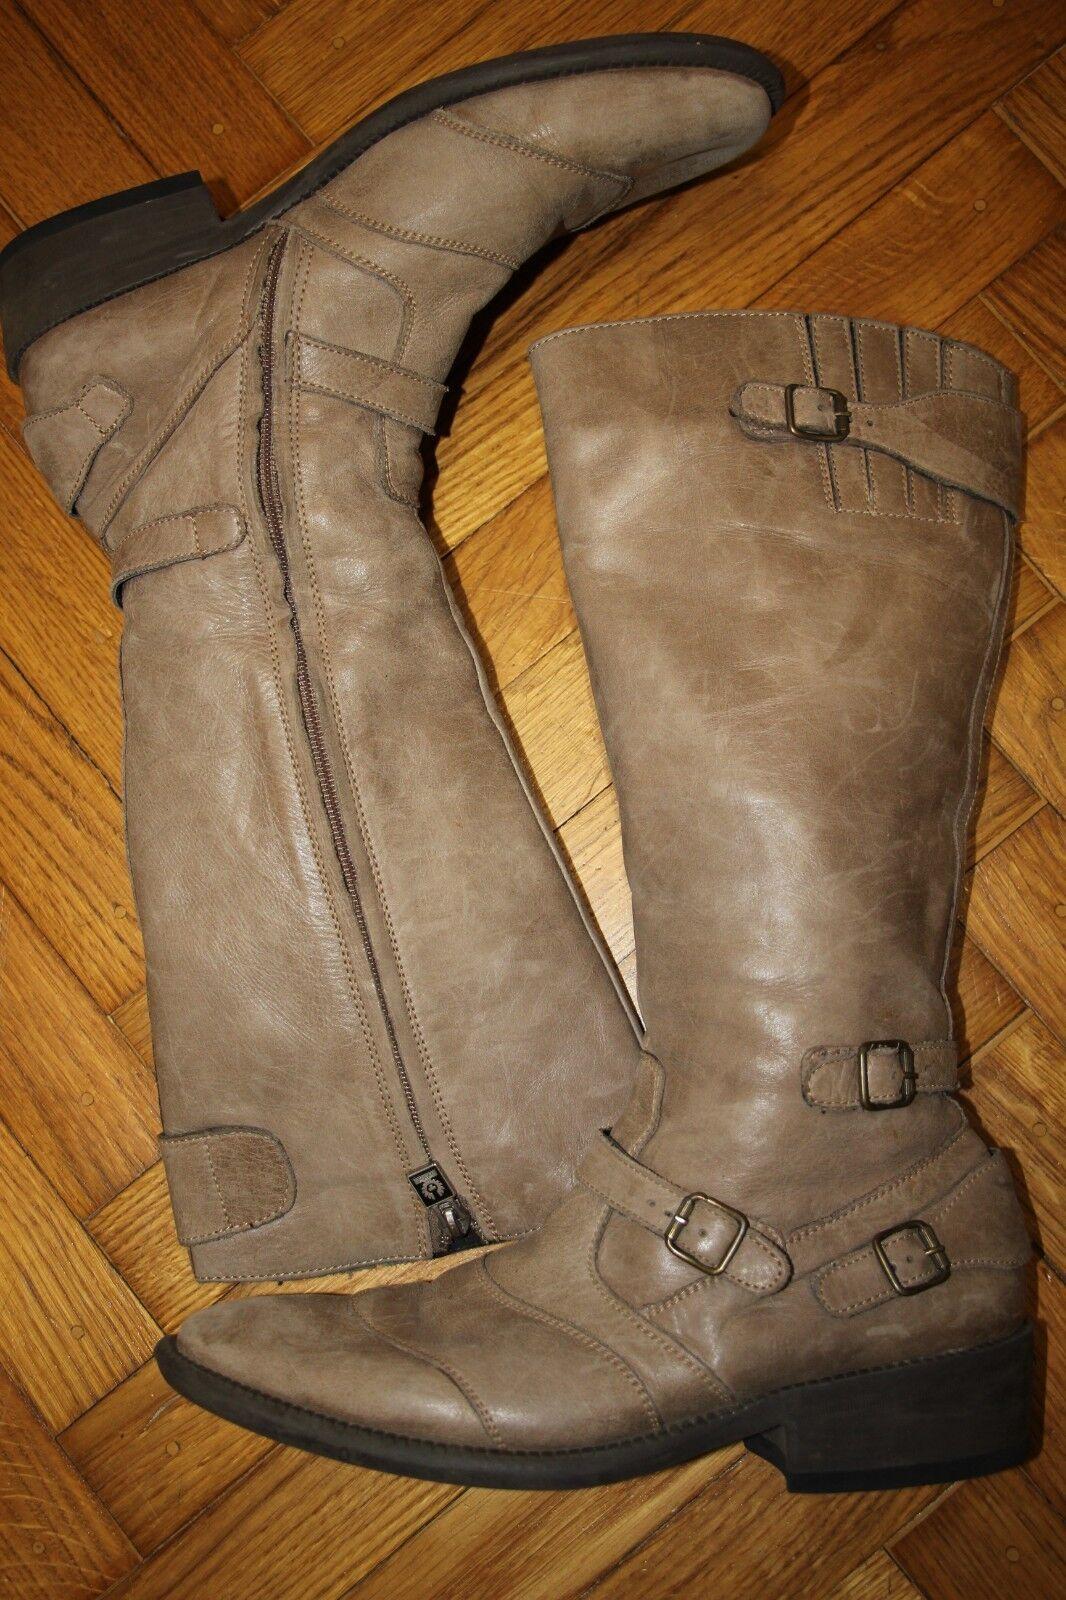 Para Para Para Mujeres BELSTAFF Trialmaster gris botas Talla 40  salida para la venta